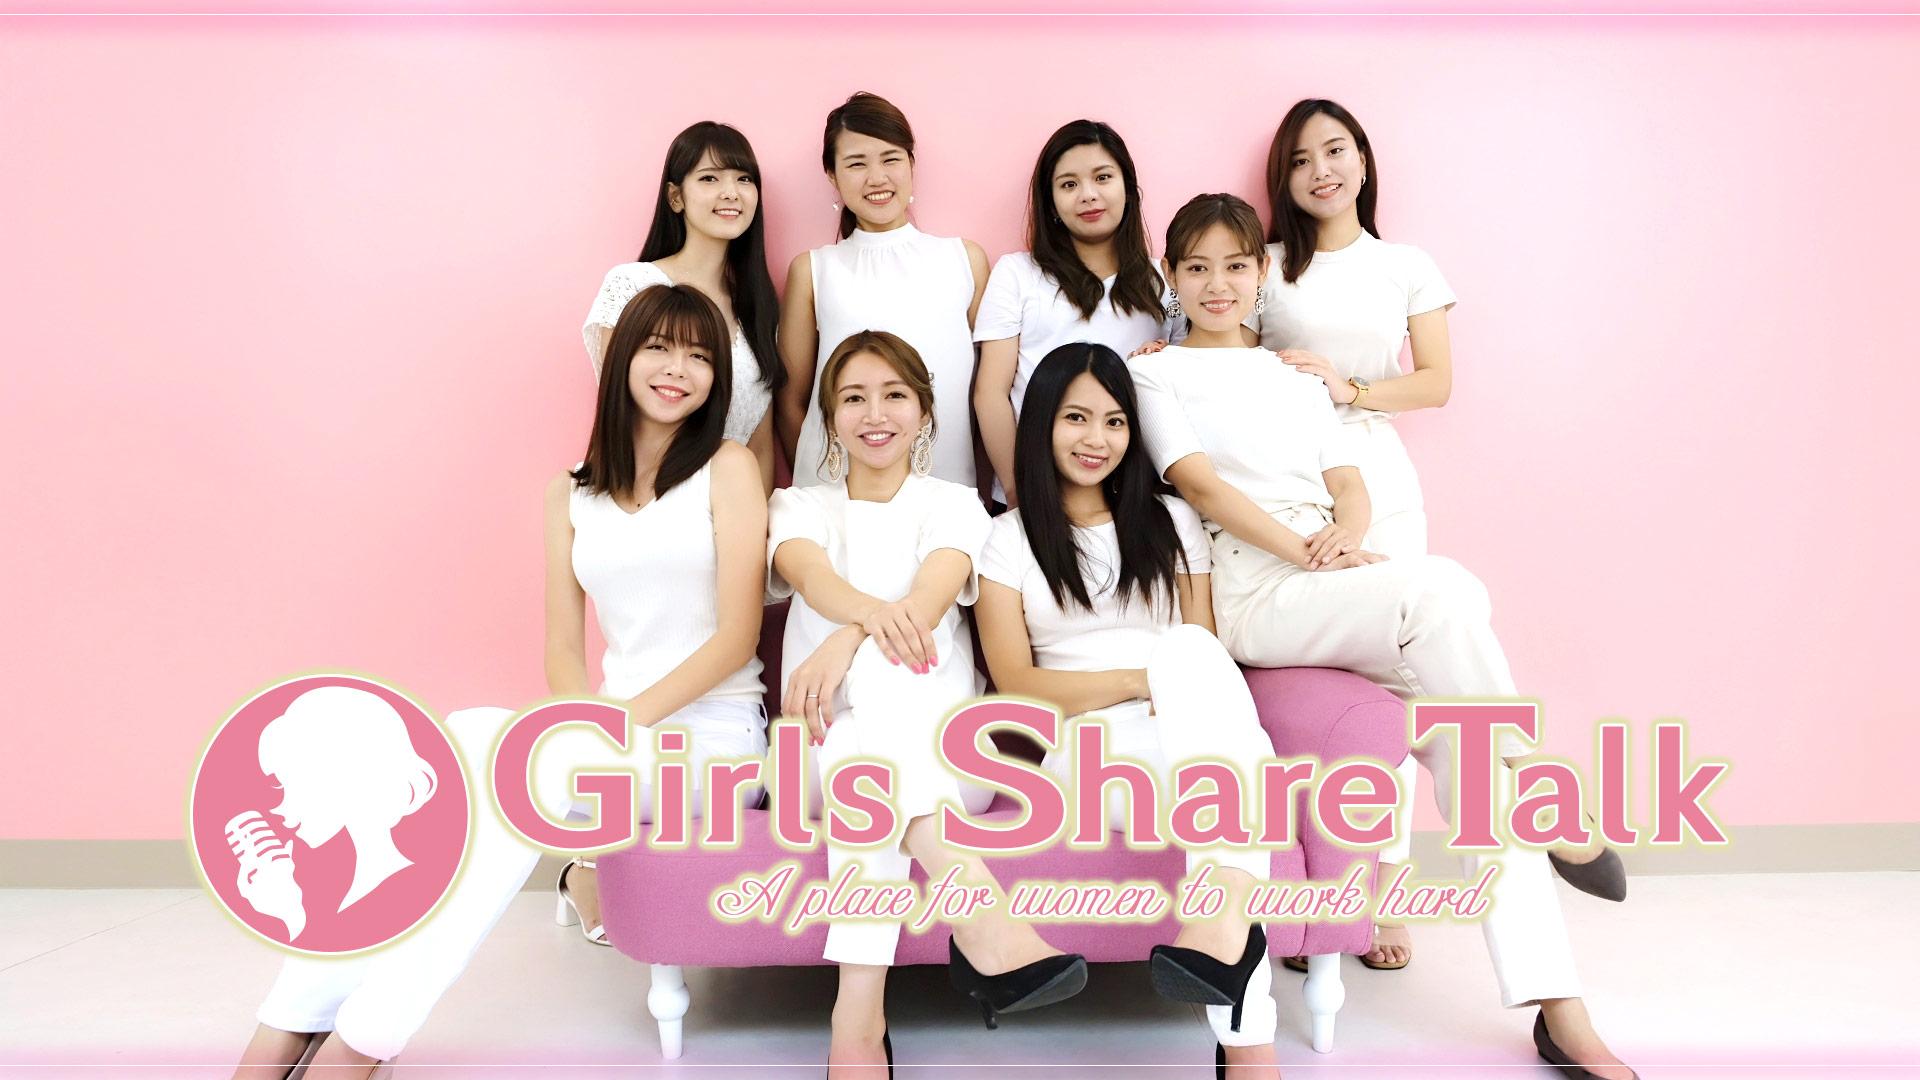 Girls Share Talk